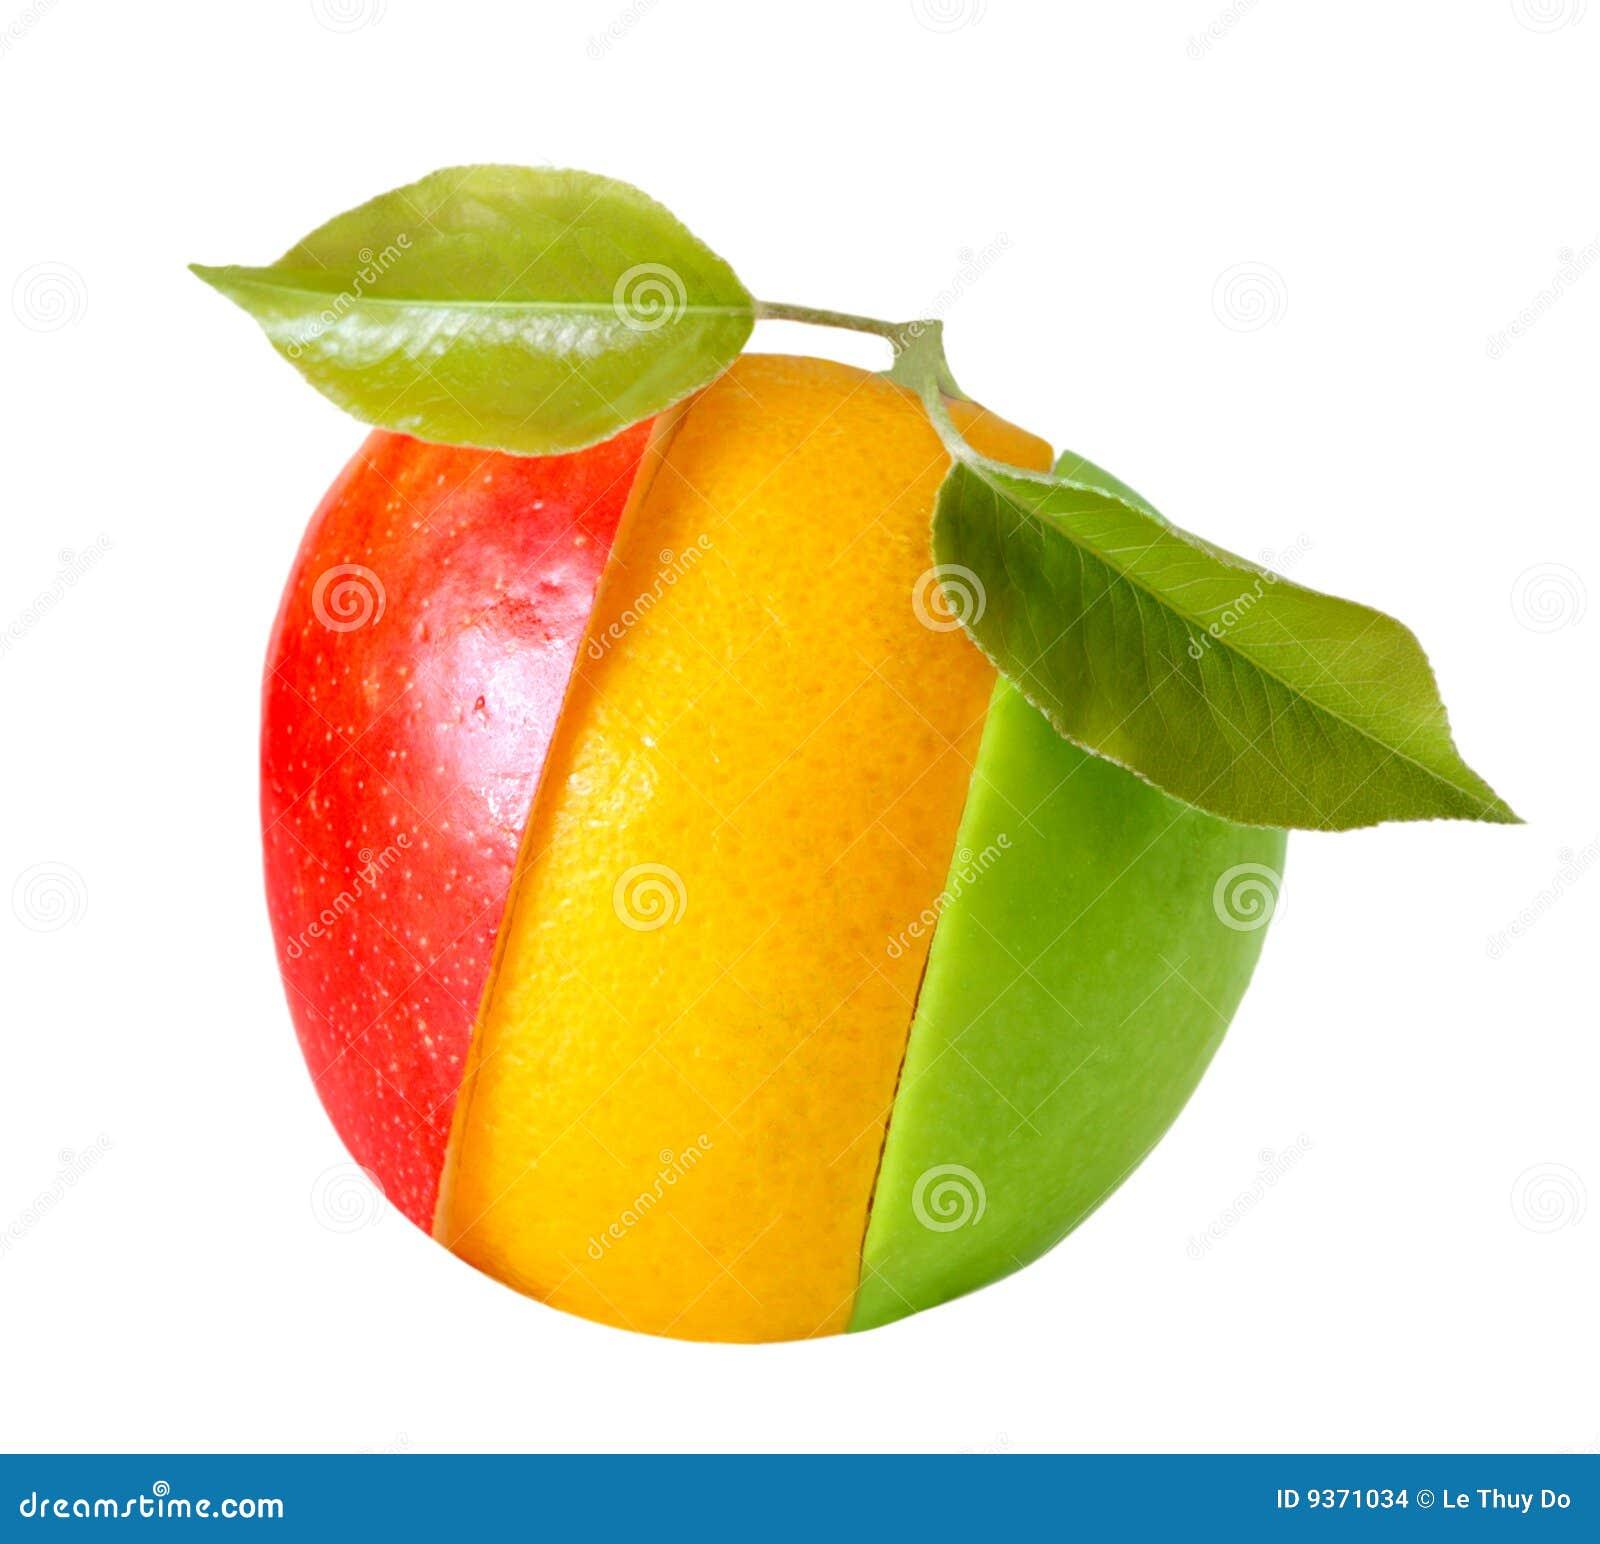 Uno studio americano ha infatti dimostrato che non solo gli antiossidanti di  questi vegetali ci fanno stare meglio 7c2310307ec